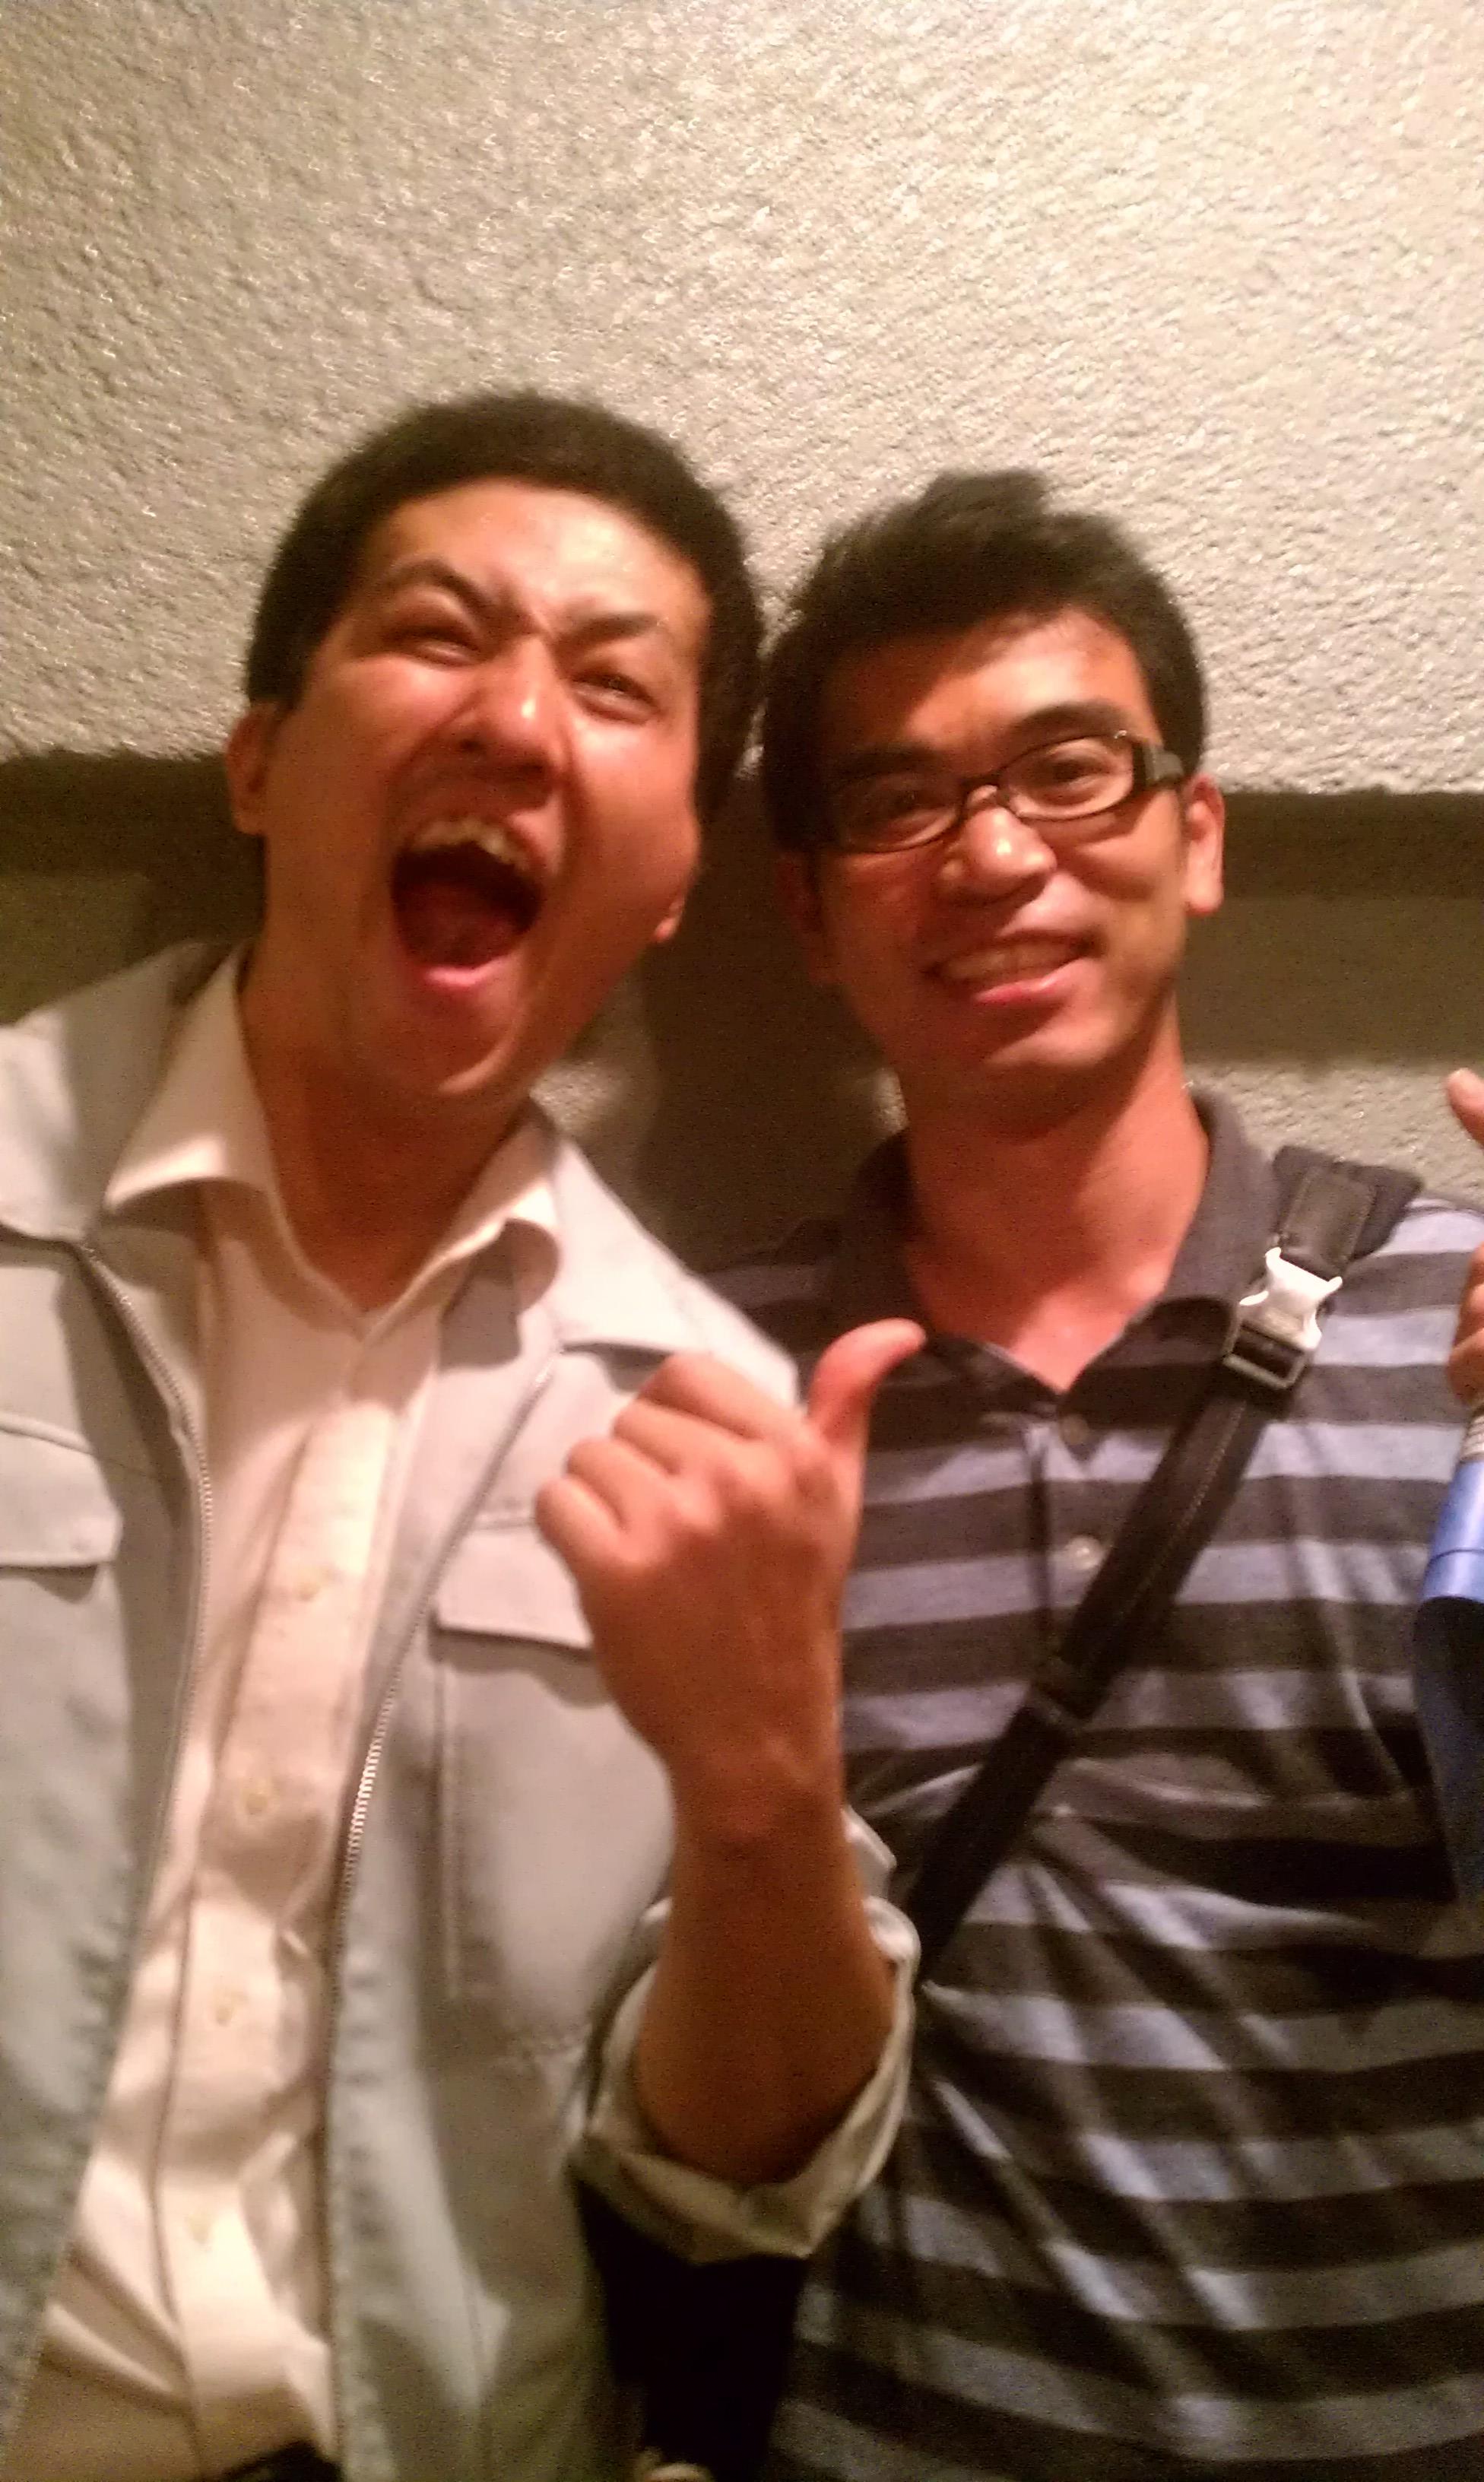 かつての部活仲間と20年ぶりの再会!